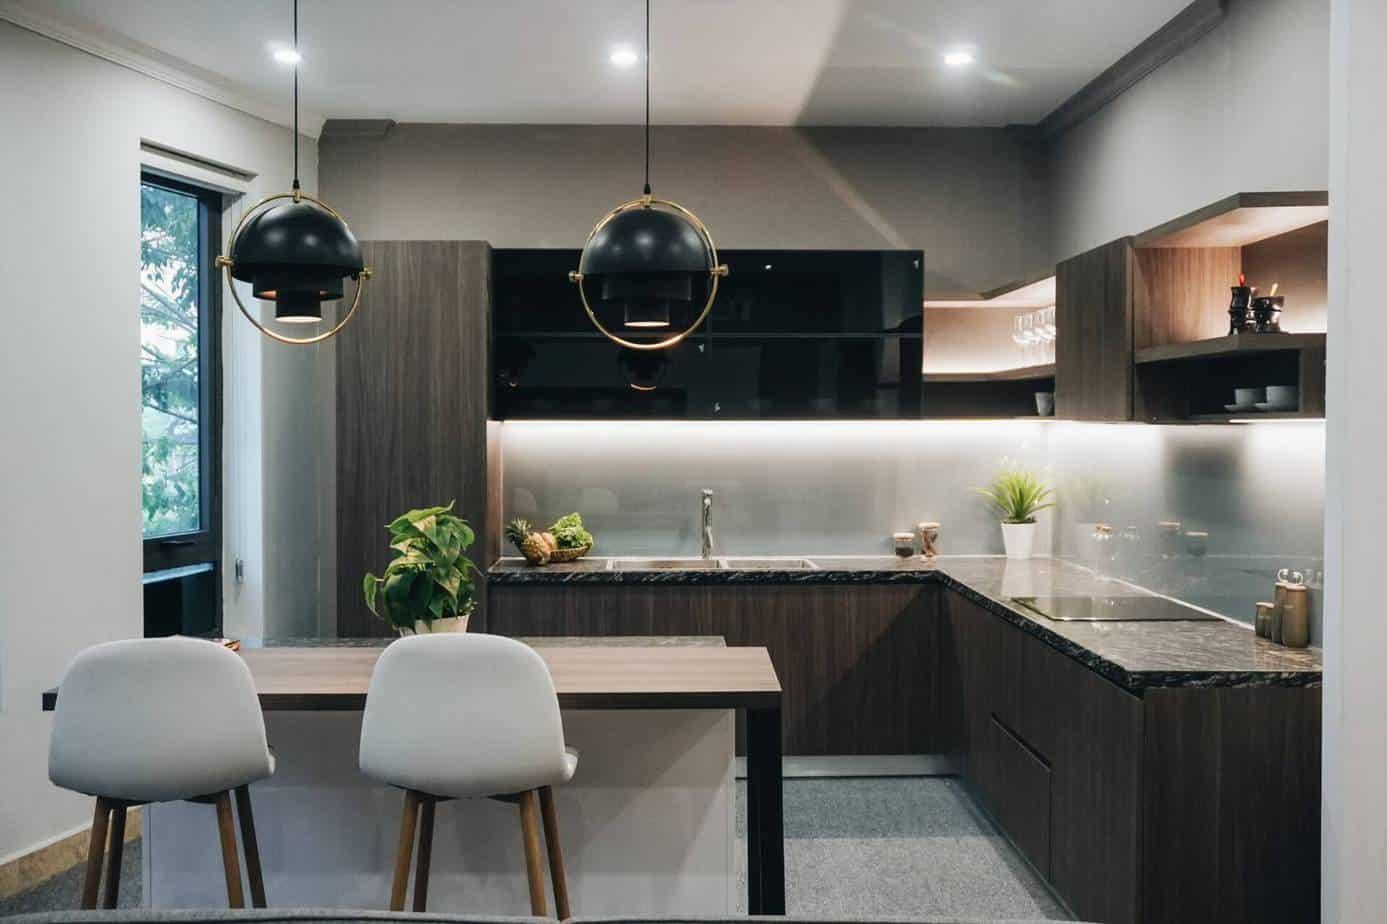 Tủ bếp chữ L kết hợp bàn ăn sang trọng và hiện đại